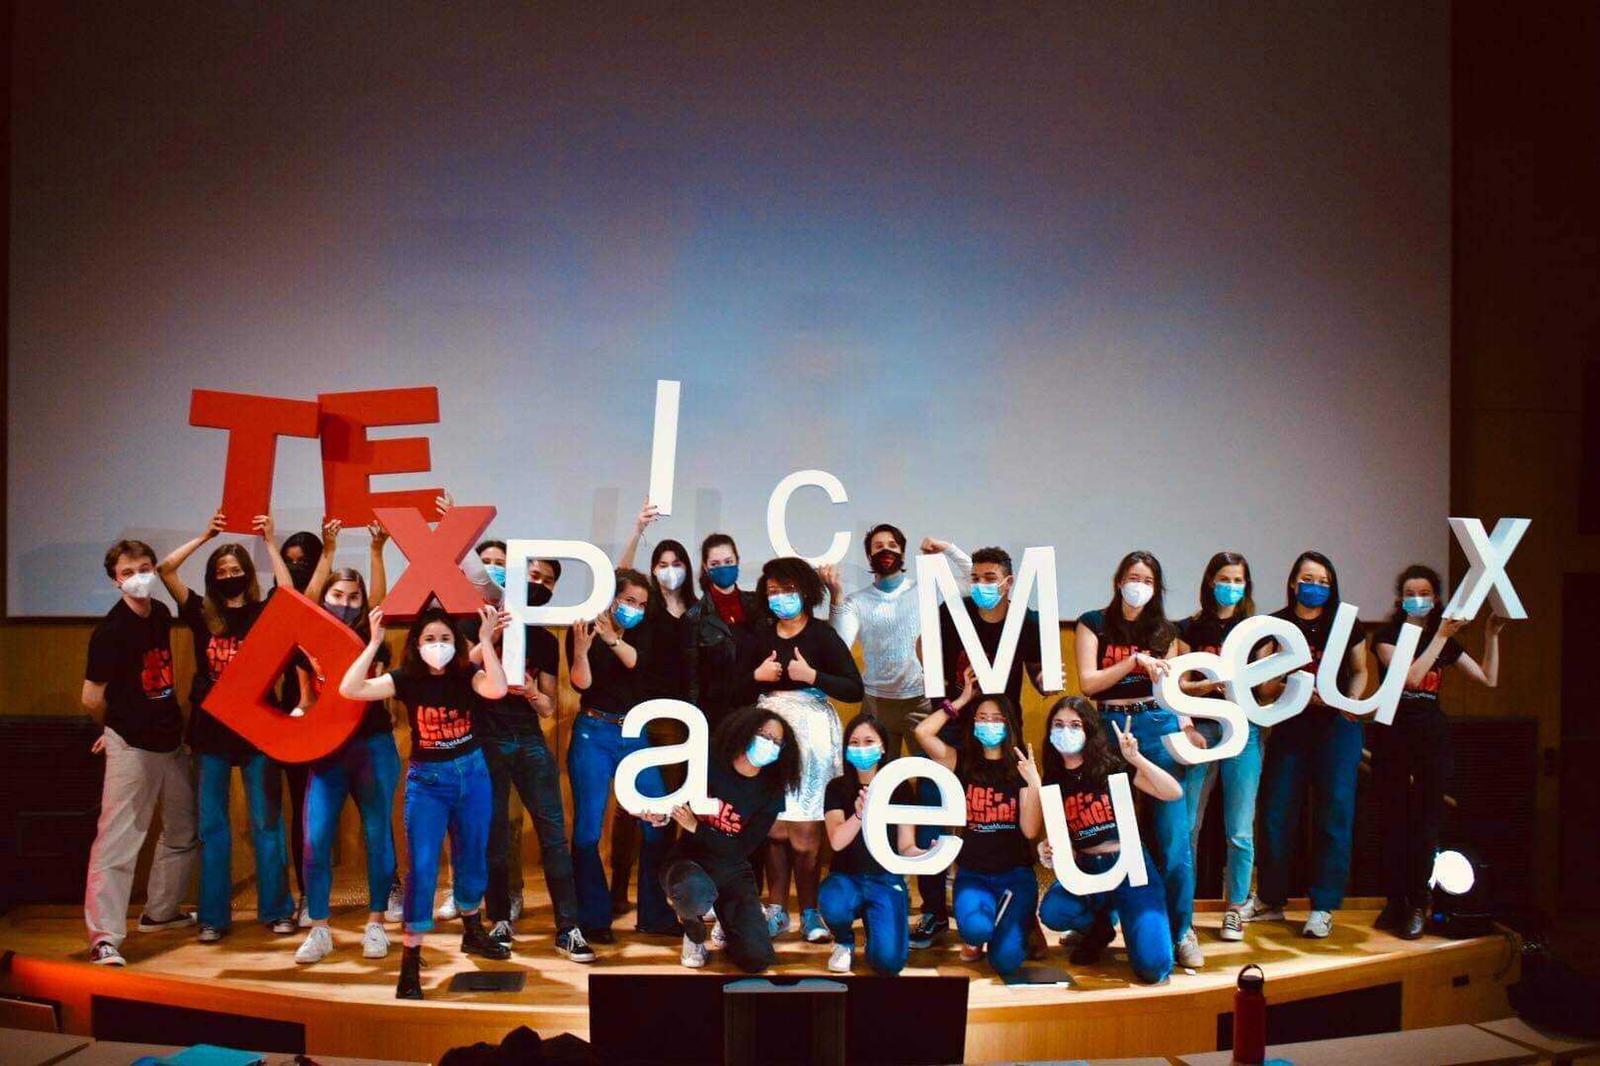 TEDxPlaceMuseuxApril2021